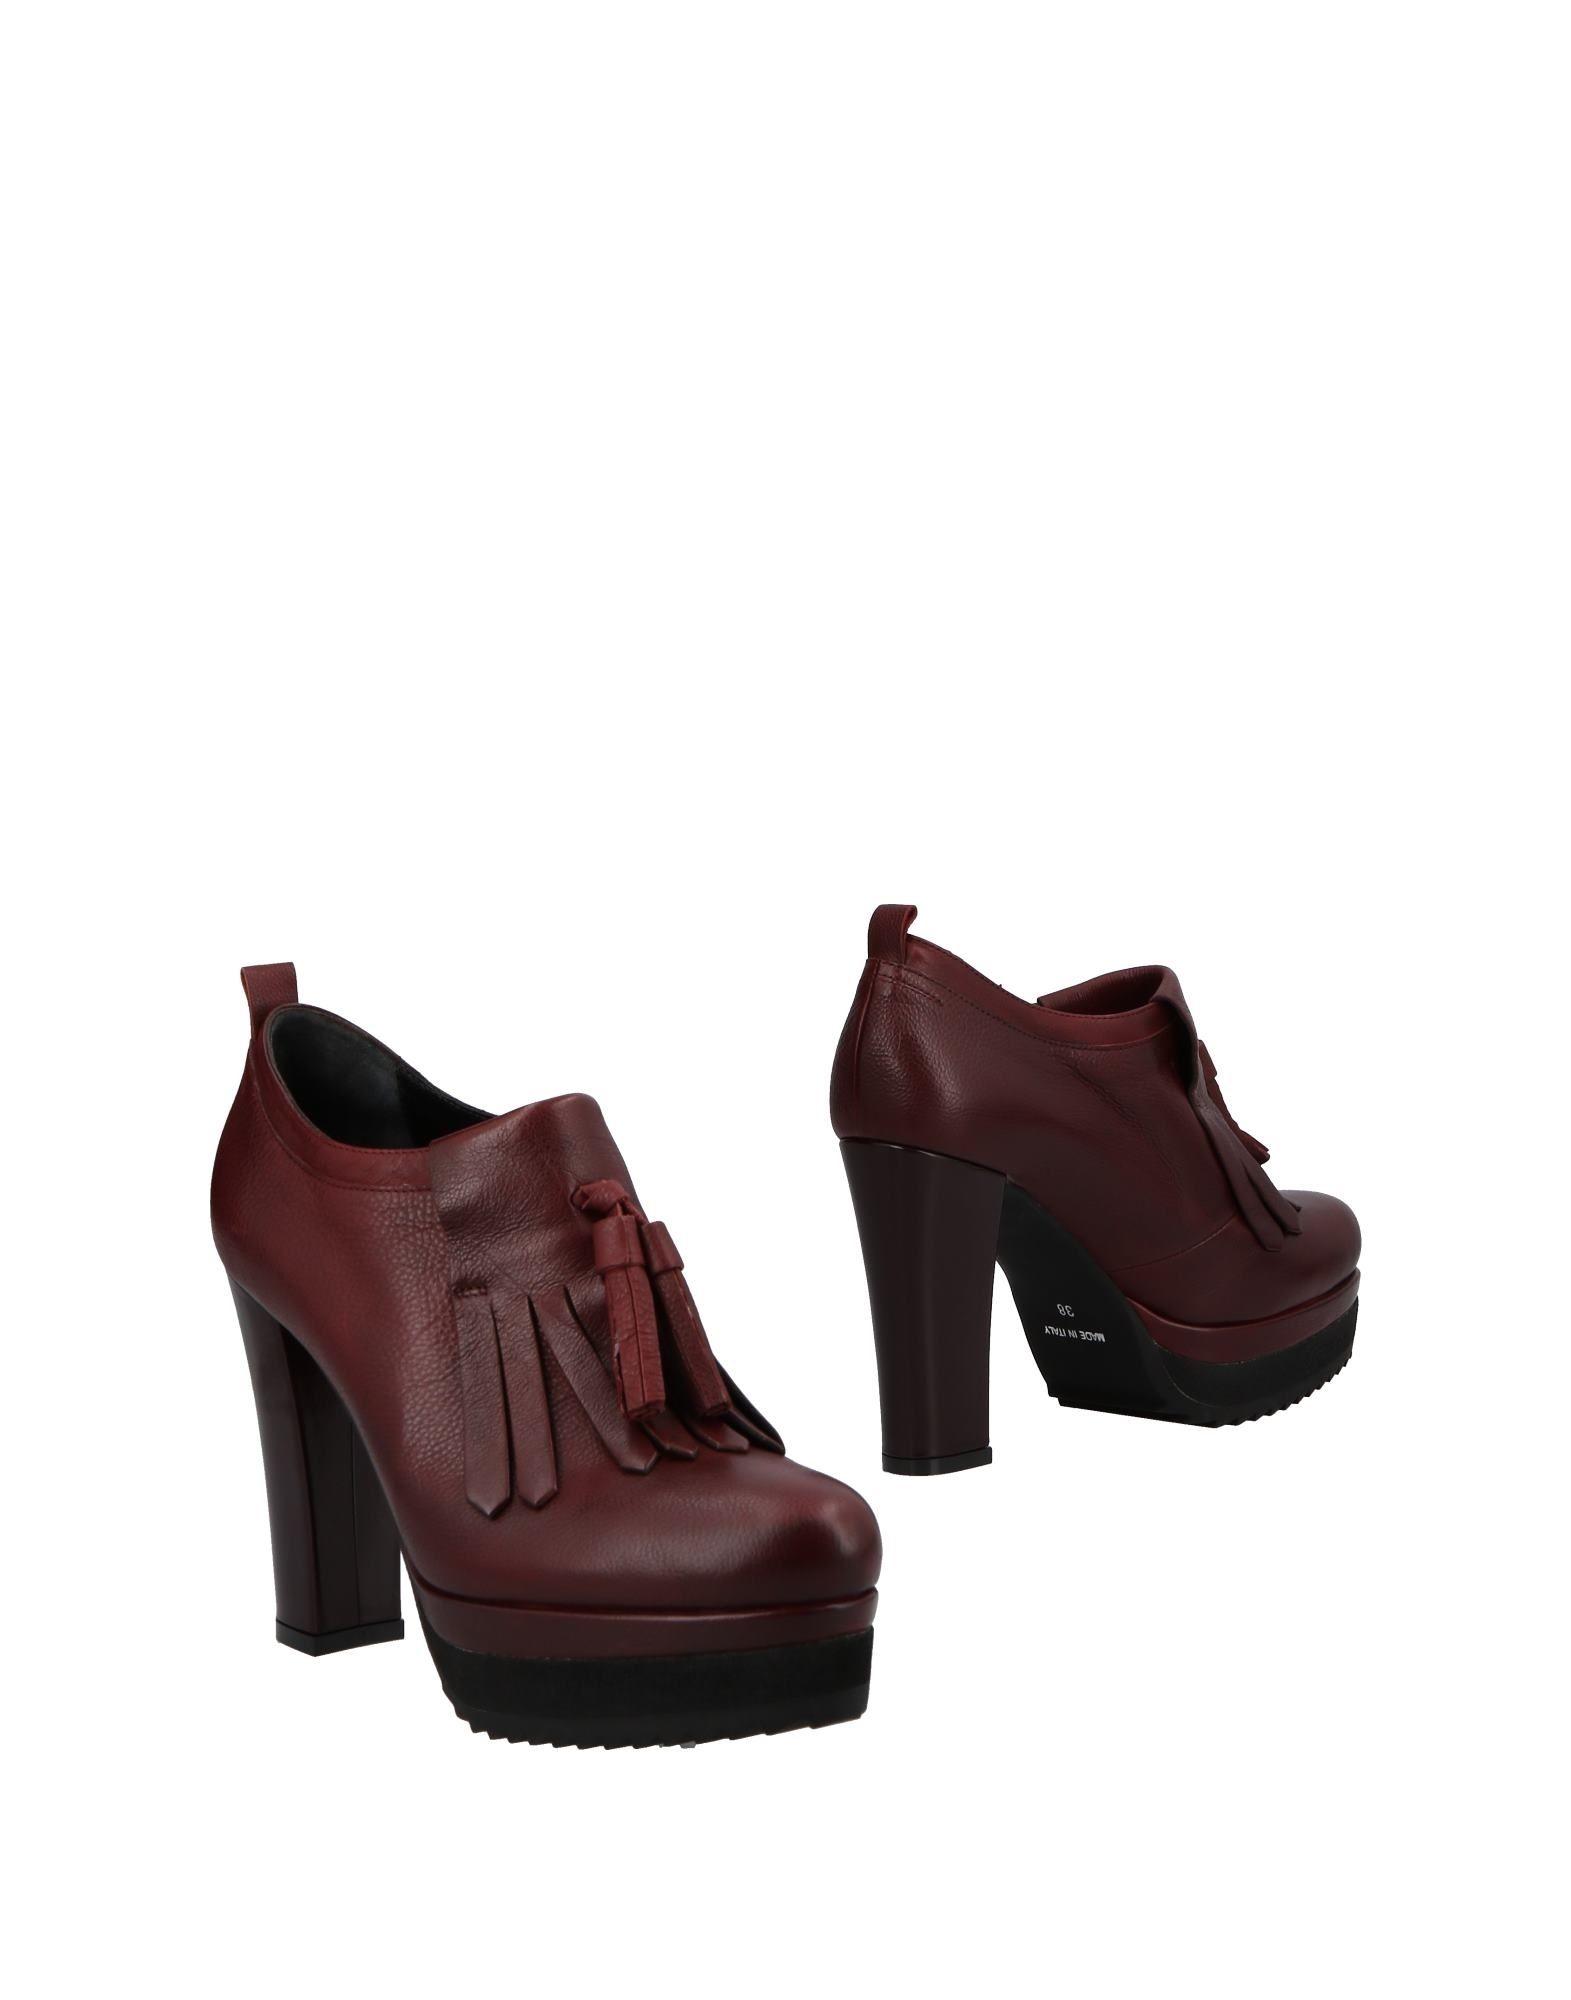 Sergio Cimadamore Gute Stiefelette Damen  11494823EB Gute Cimadamore Qualität beliebte Schuhe 6dacdb